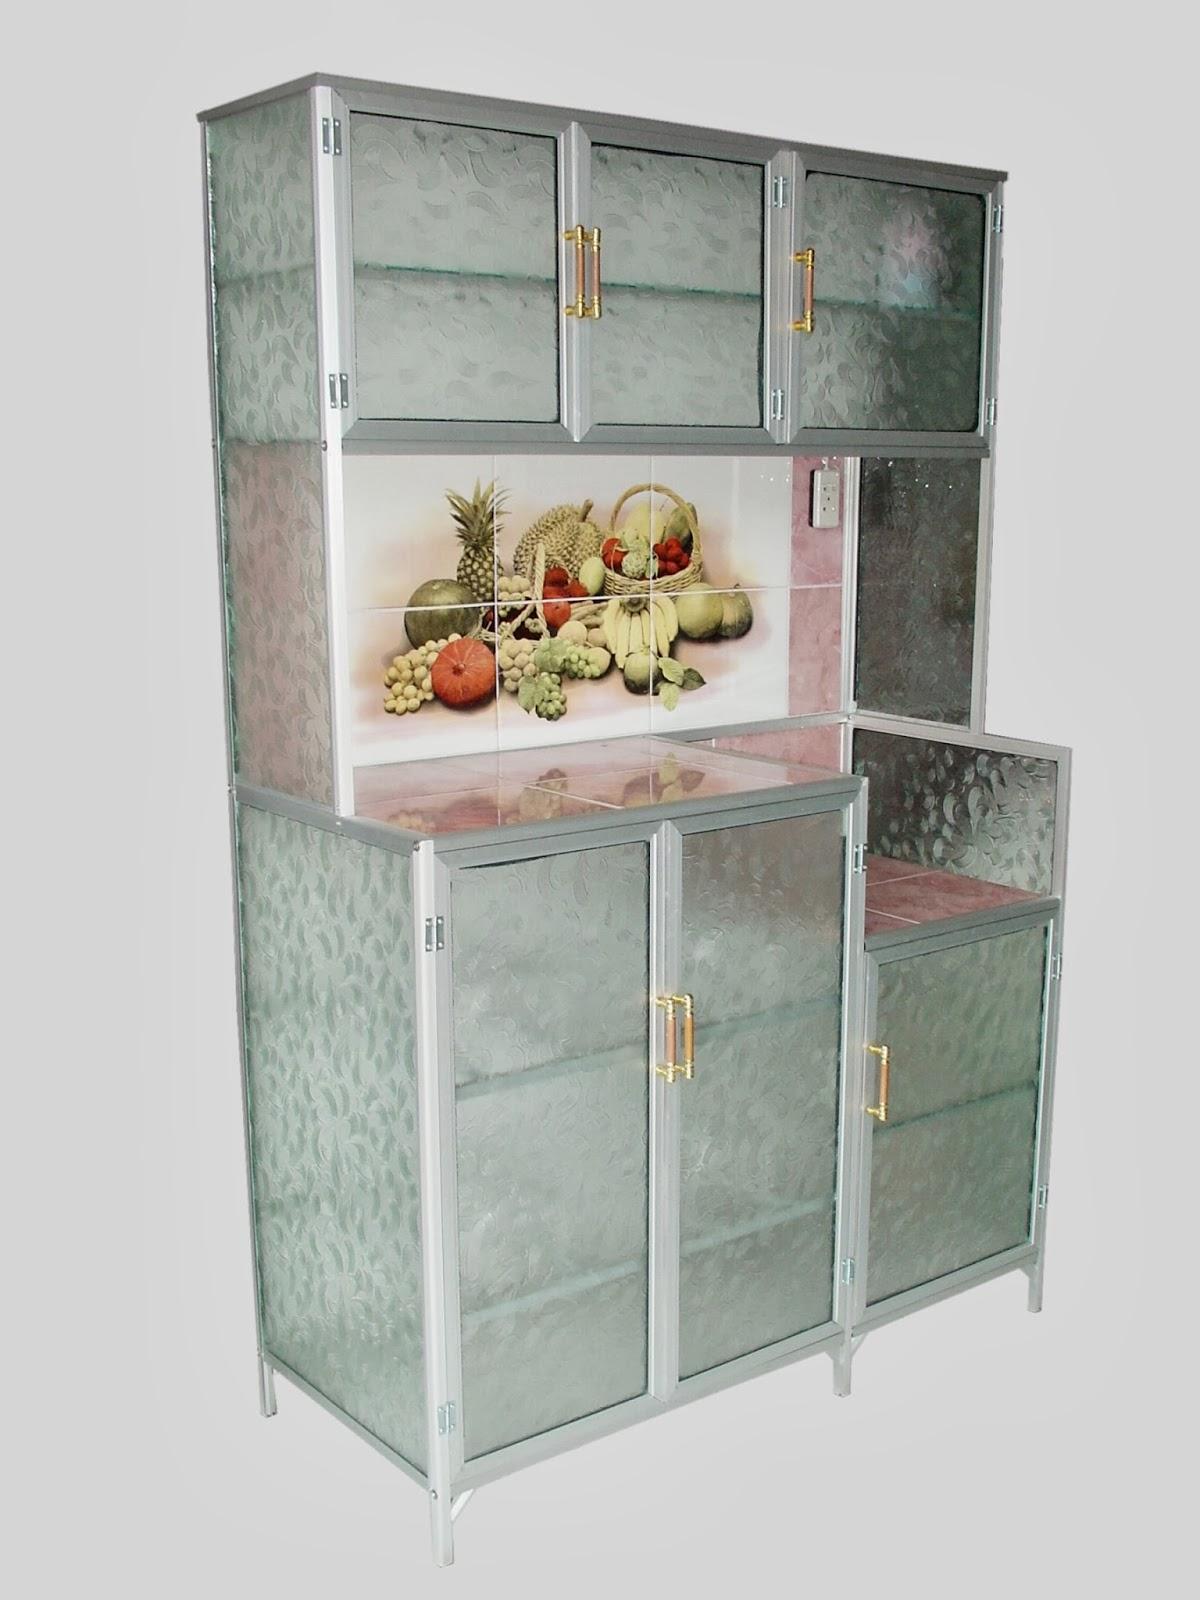 Piring Peralatan Rumah Sinkgard Premium Series Food Waste Disposer Alat Penghancur Pusat Toko Dan Rak Alumunium Rembang